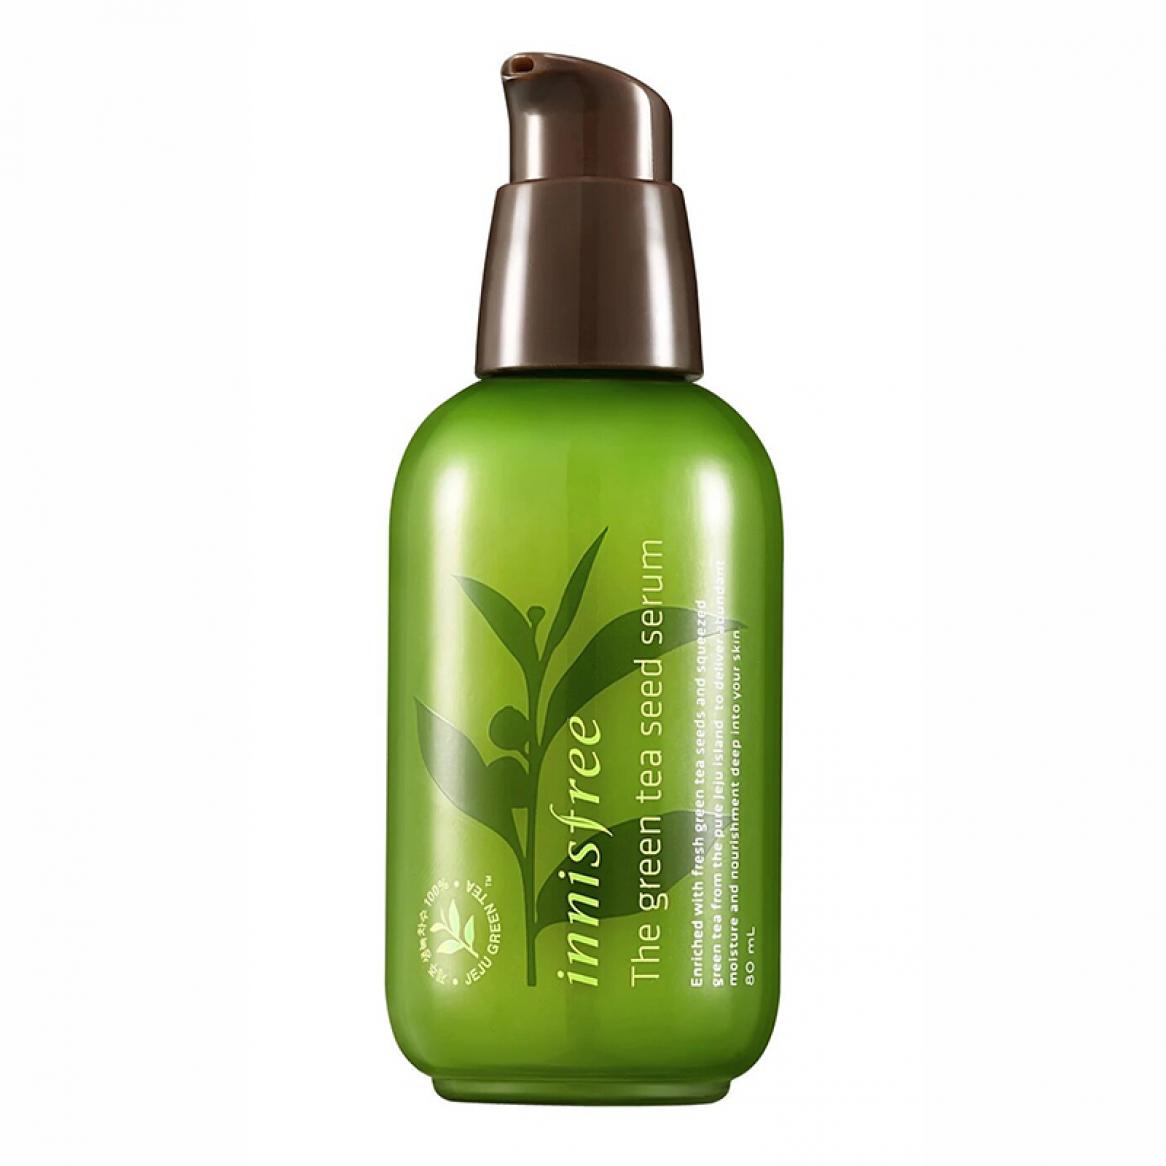 tiền huyết thanh innisfree the green tea seed serum ảnh chất lượng hơn